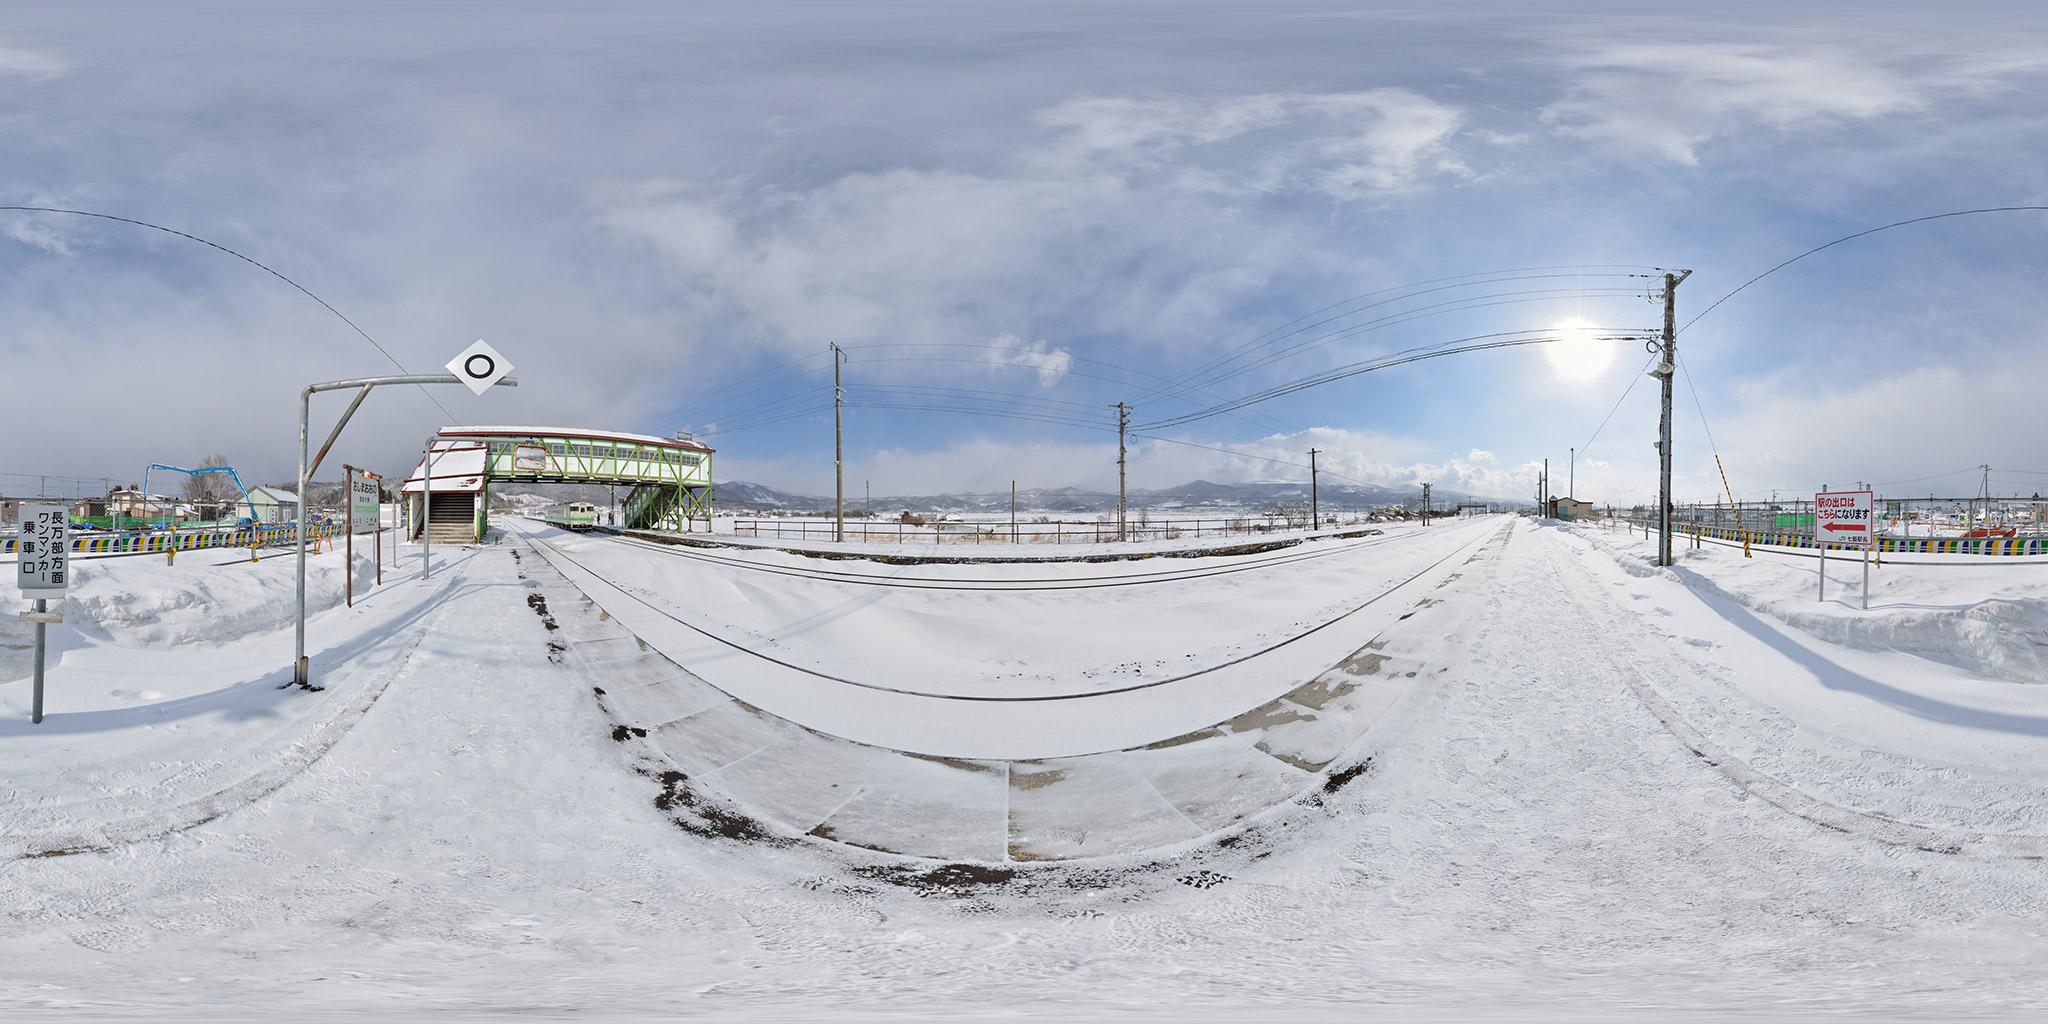 2013年3月に撮影した渡島大野駅